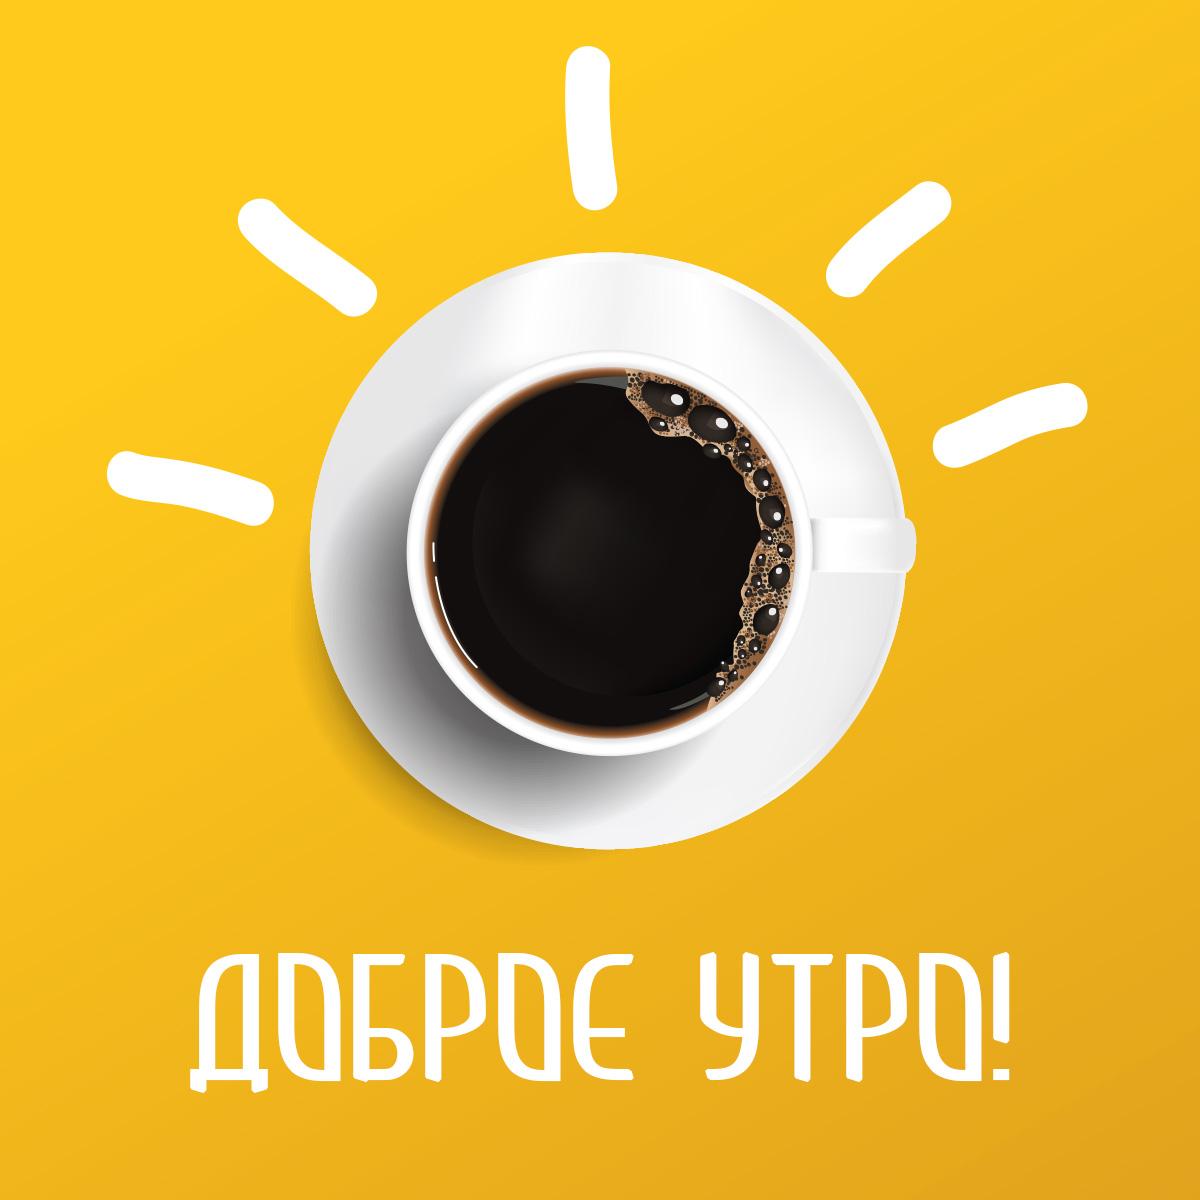 Желтая картинка с надписью доброе утро с чашкой кофе на белом блюдце.